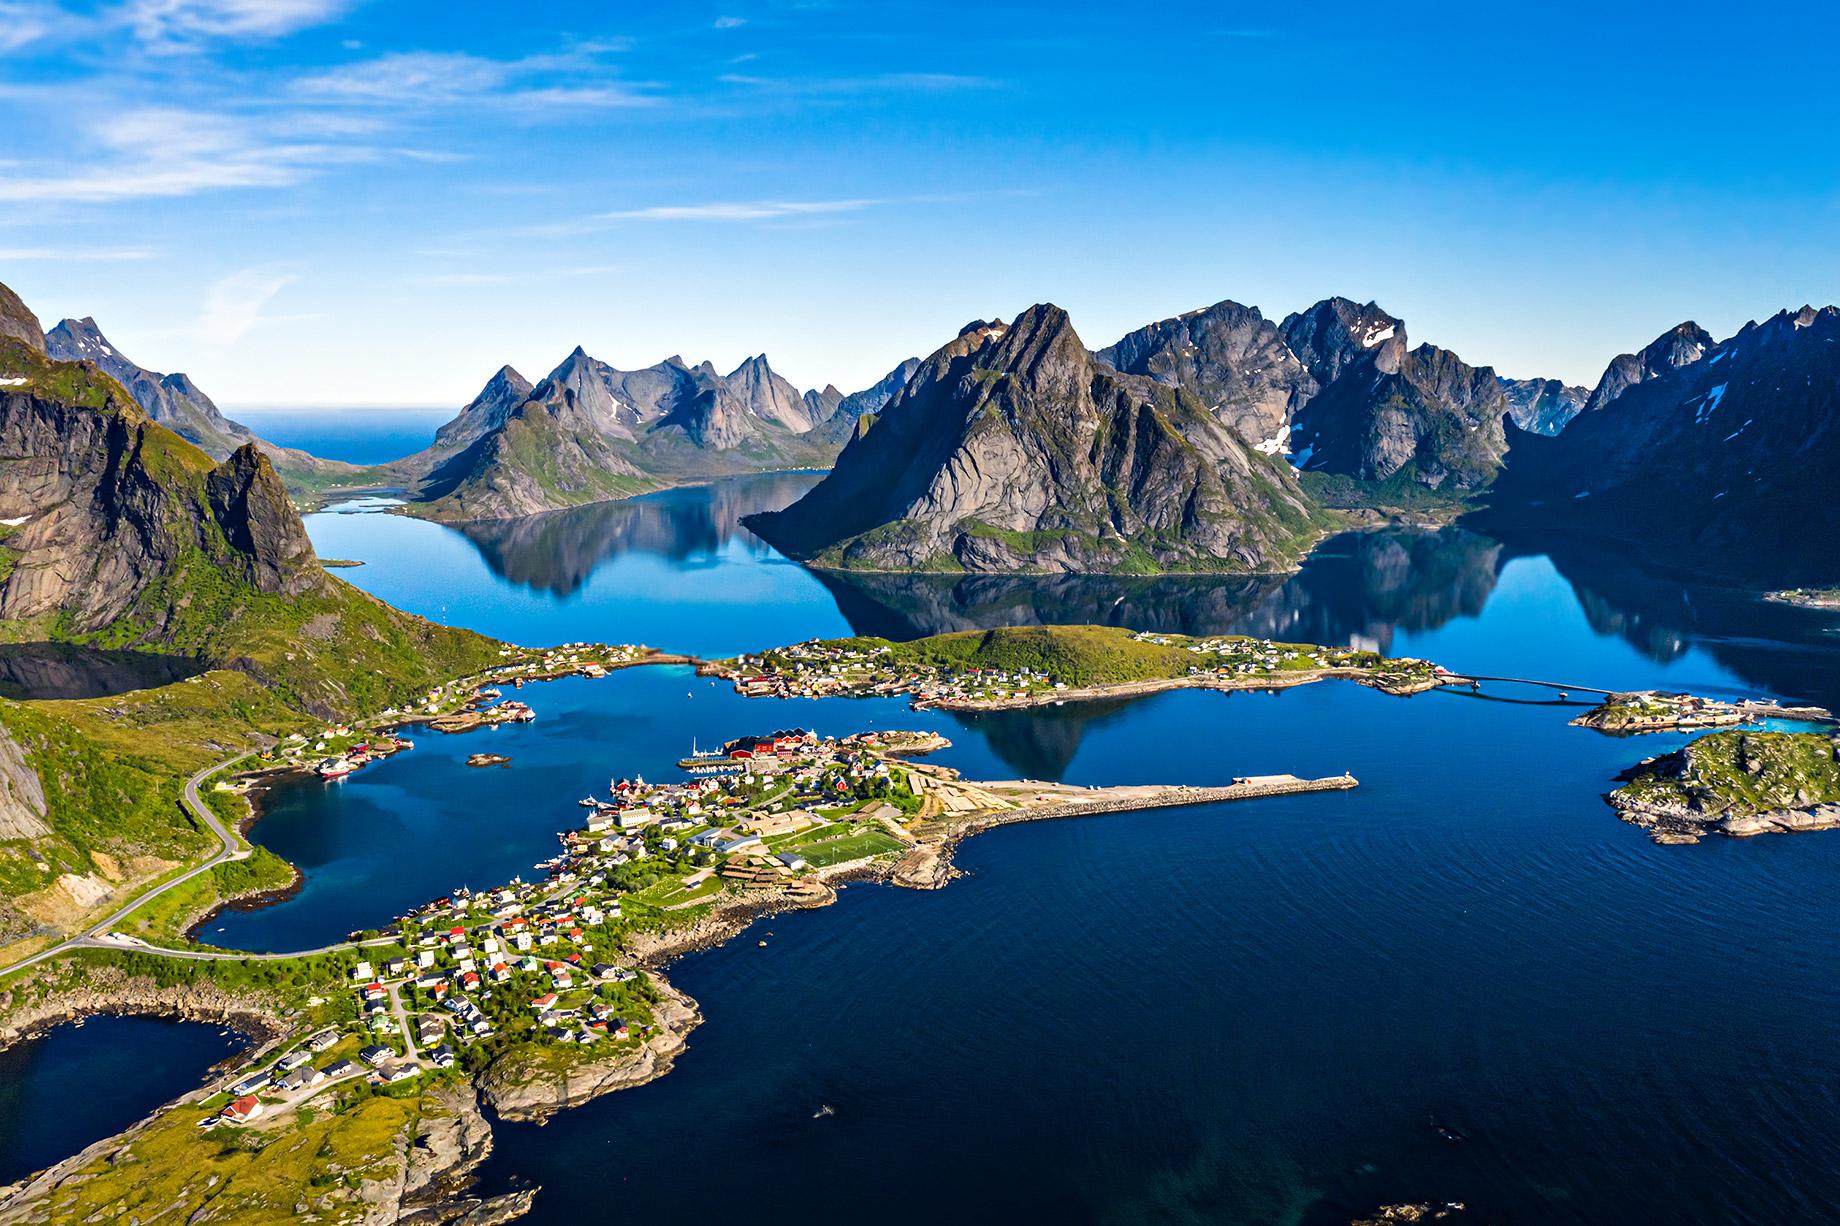 Lofoten, Nordland, Norway - Top 10 Luxury Travel Destinations Around the World